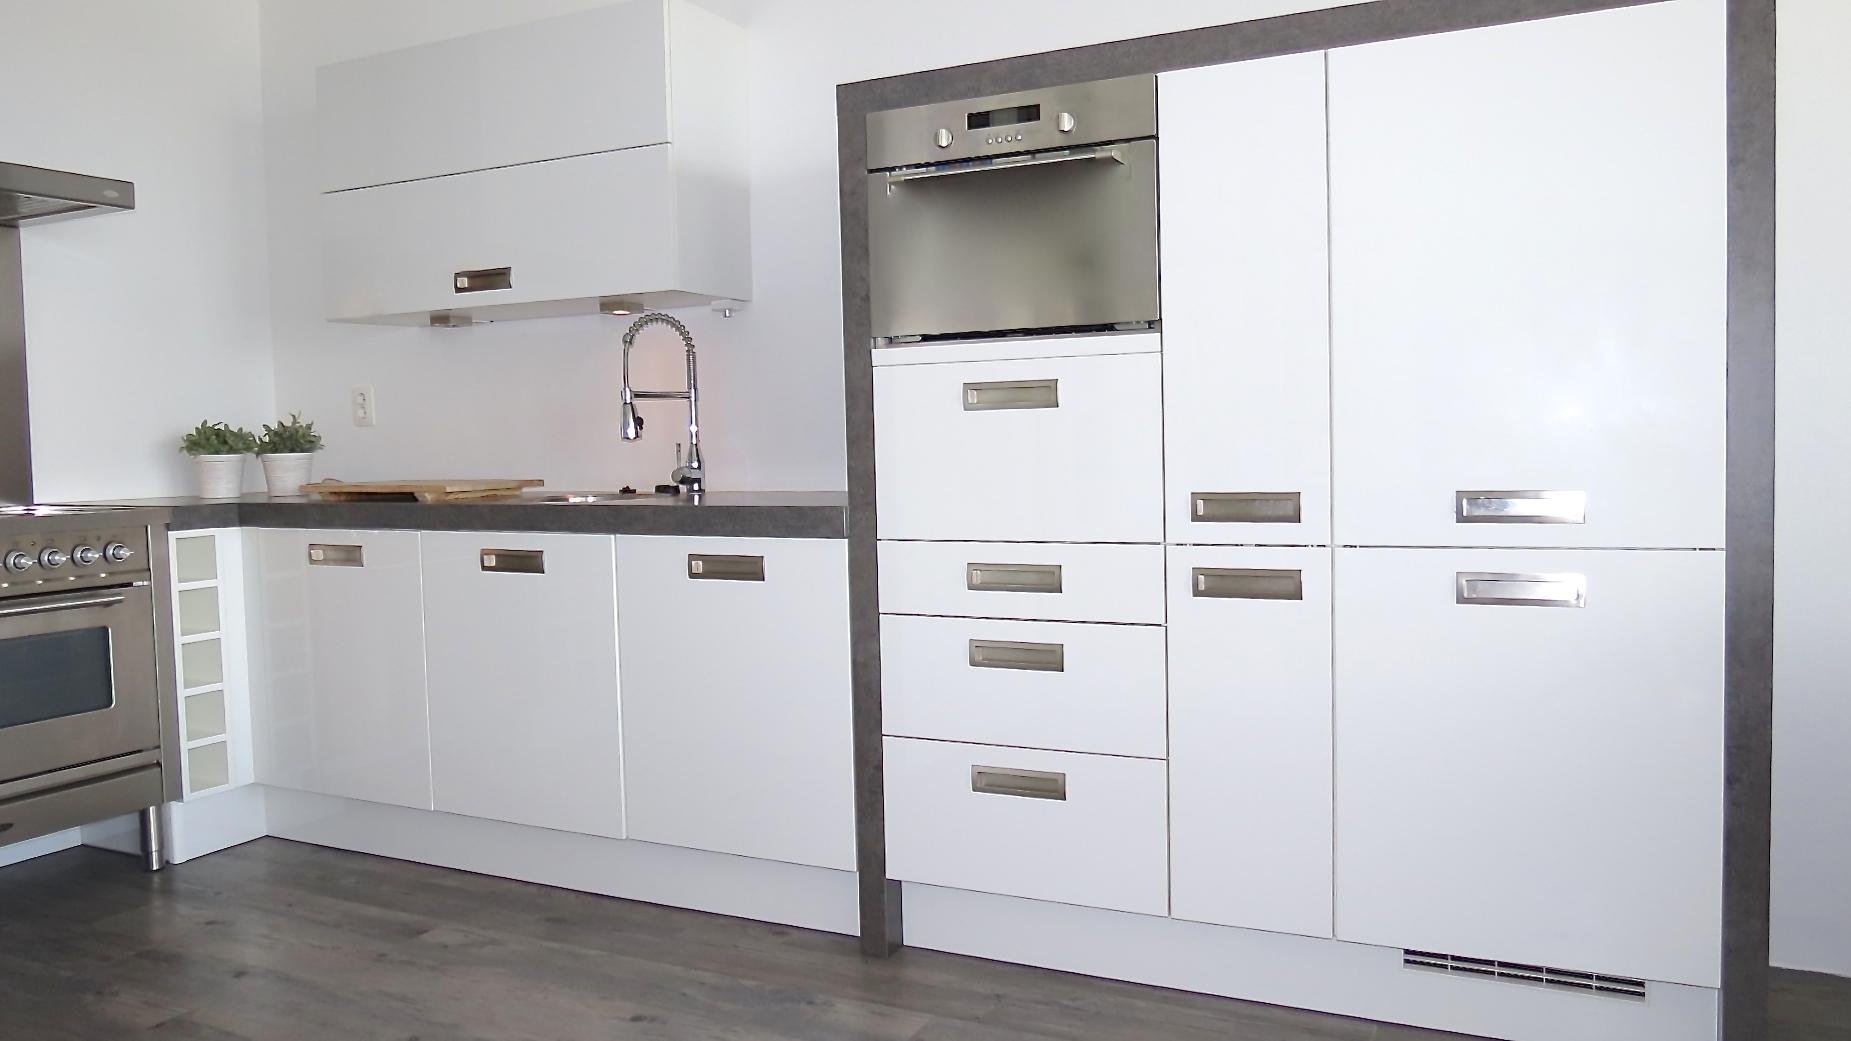 Keuken verbouwen interieur vve onderhoud for Interieur keuken